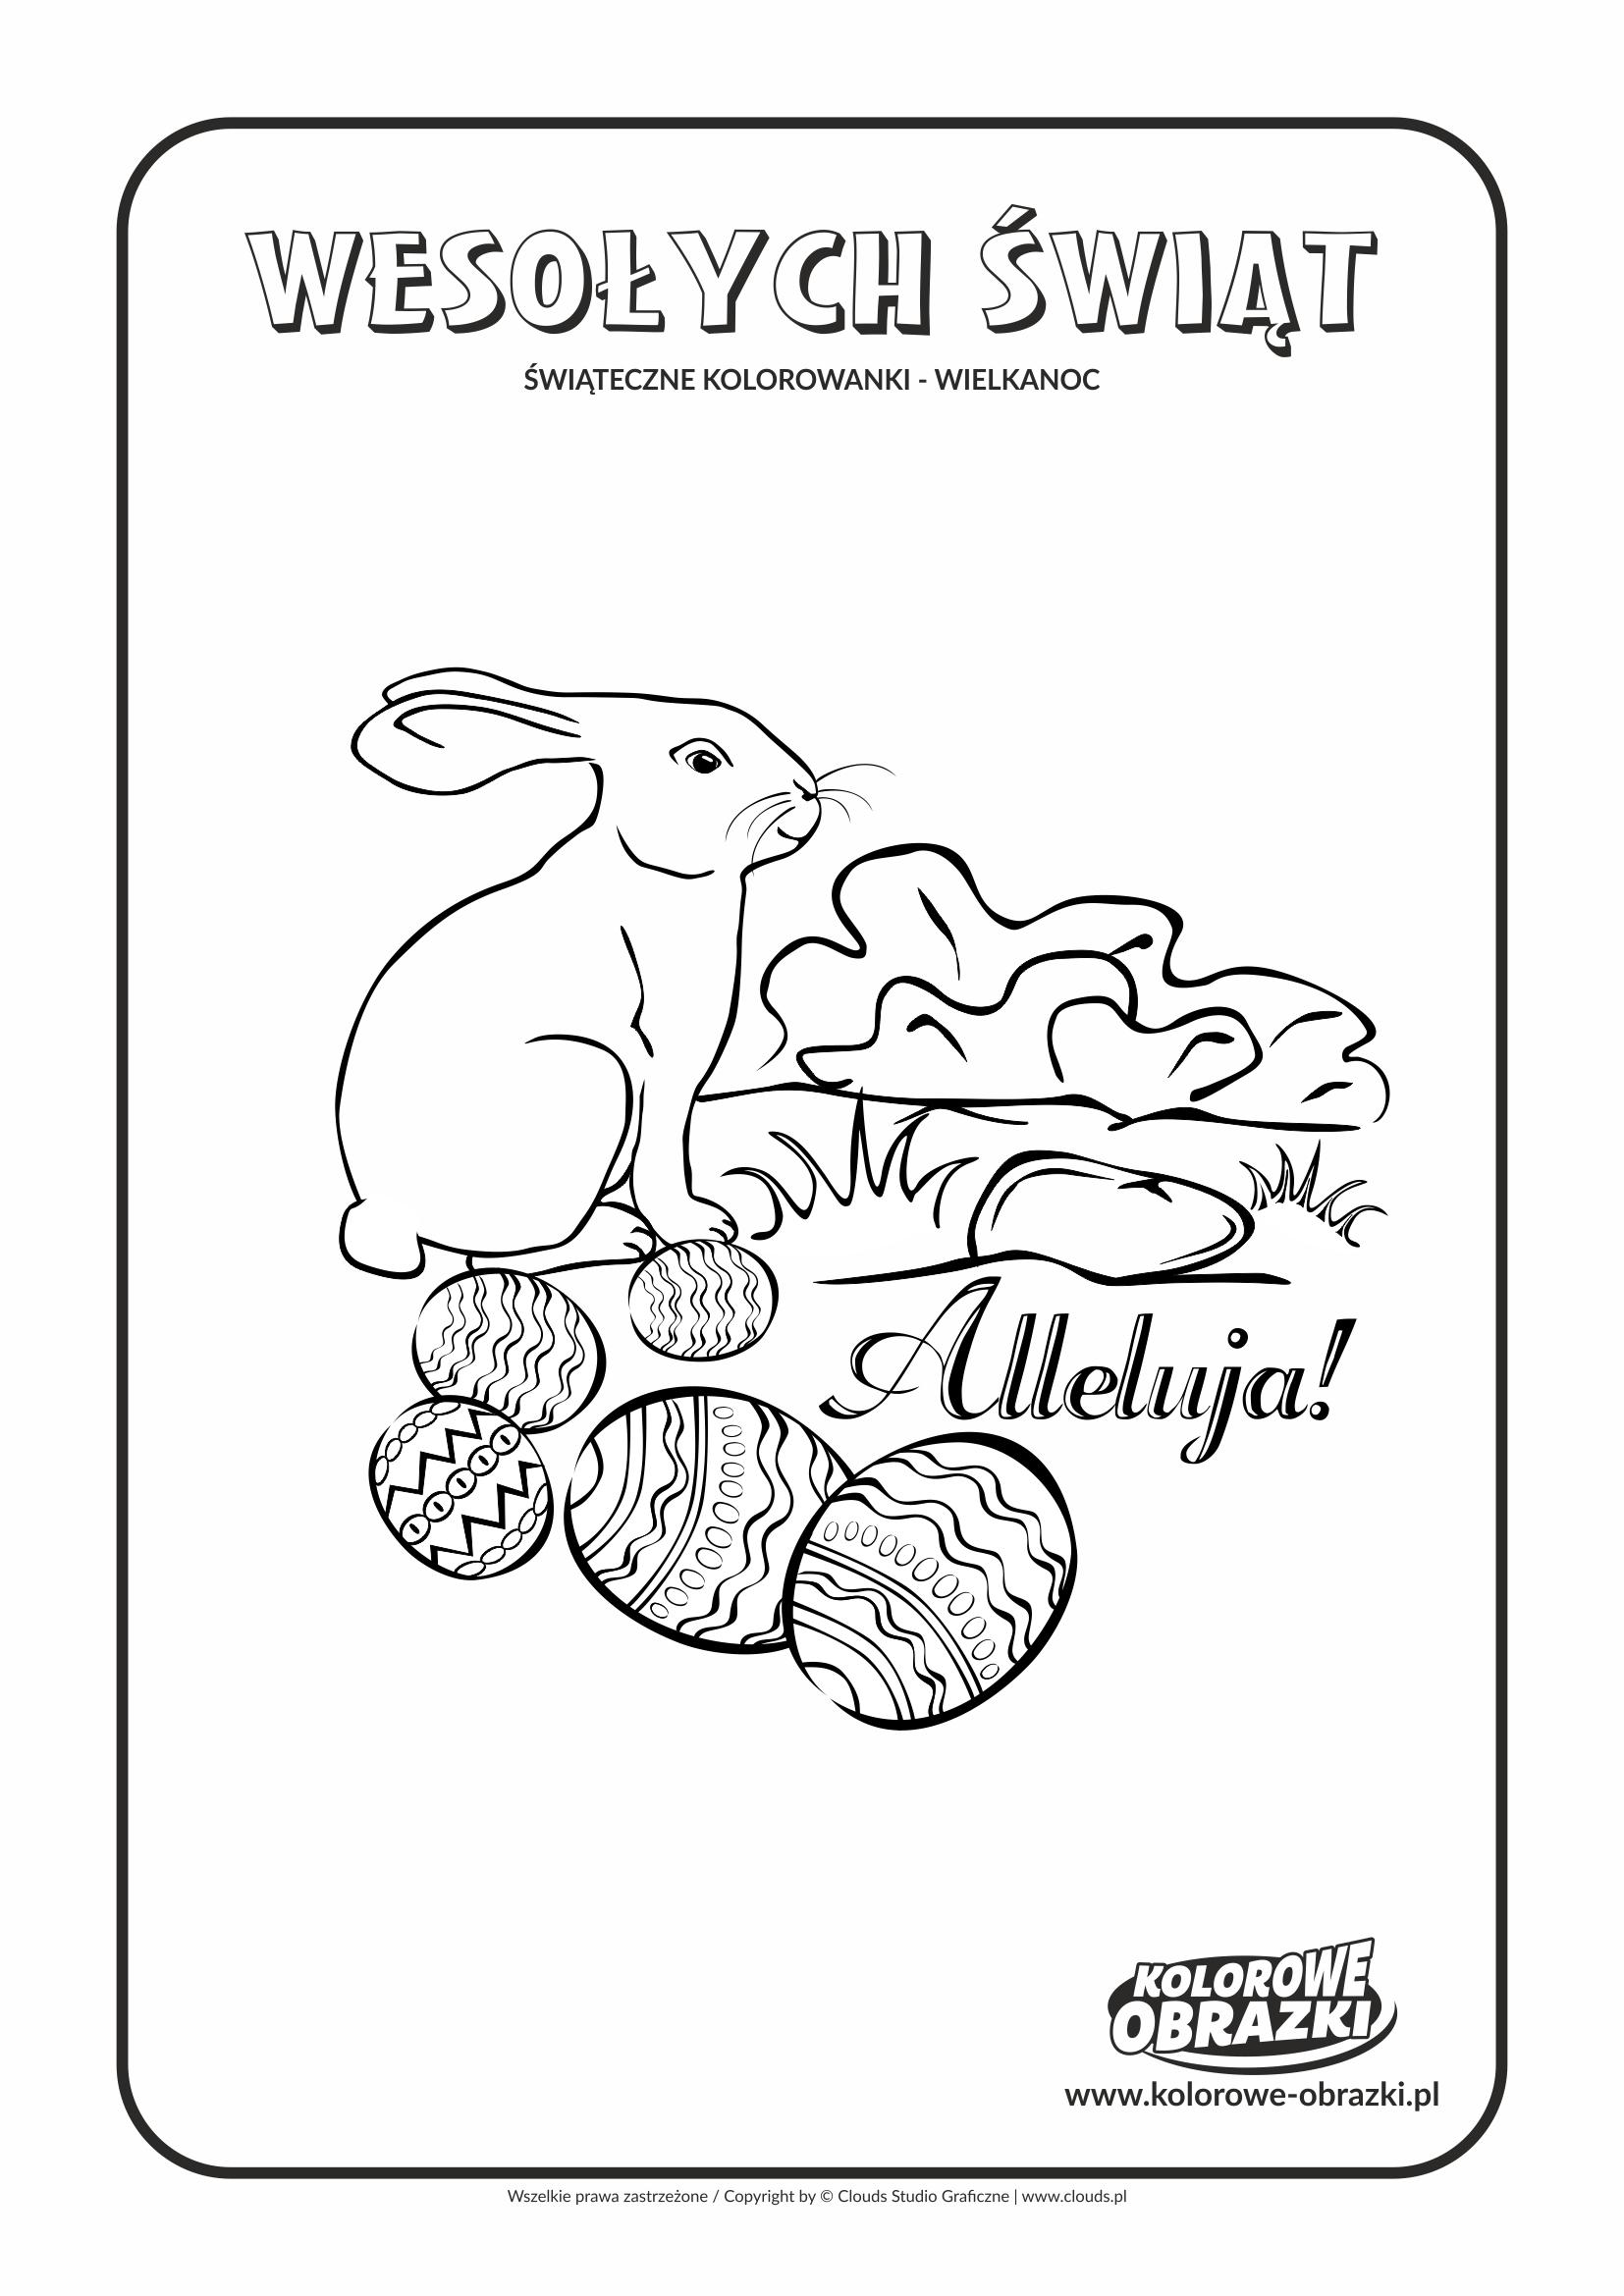 Kolorowanki dla dzieci - Wielkanoc / Wielkanocny zajączek 2. Kolorowanka z wielkanocnym zajączkiem 2